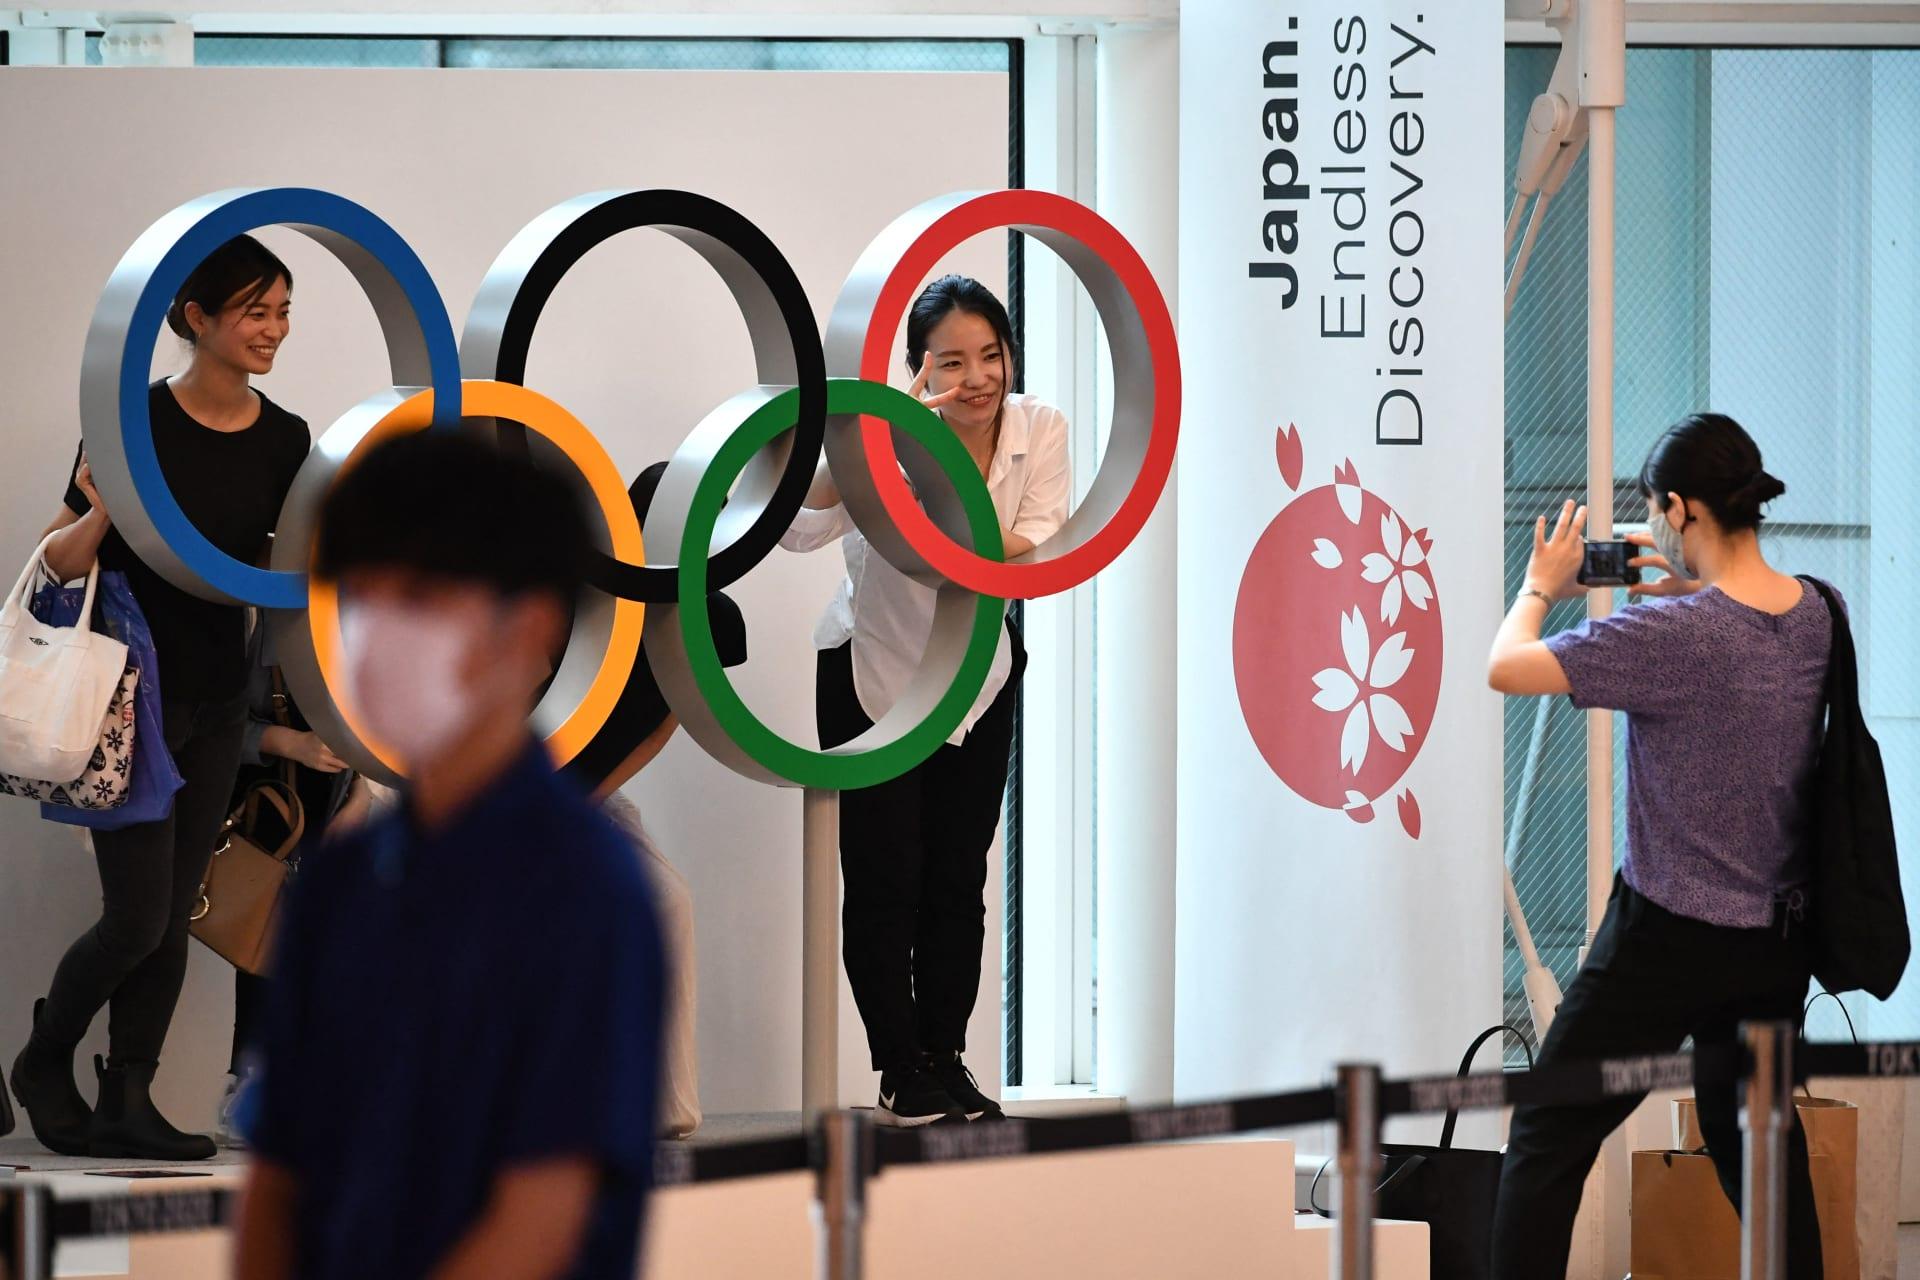 """أولمبياد طوكيو: تنظيم الألعاب دون جمهور في العاصمة بعد وضعها قيد """"طوارئ كورونا"""""""